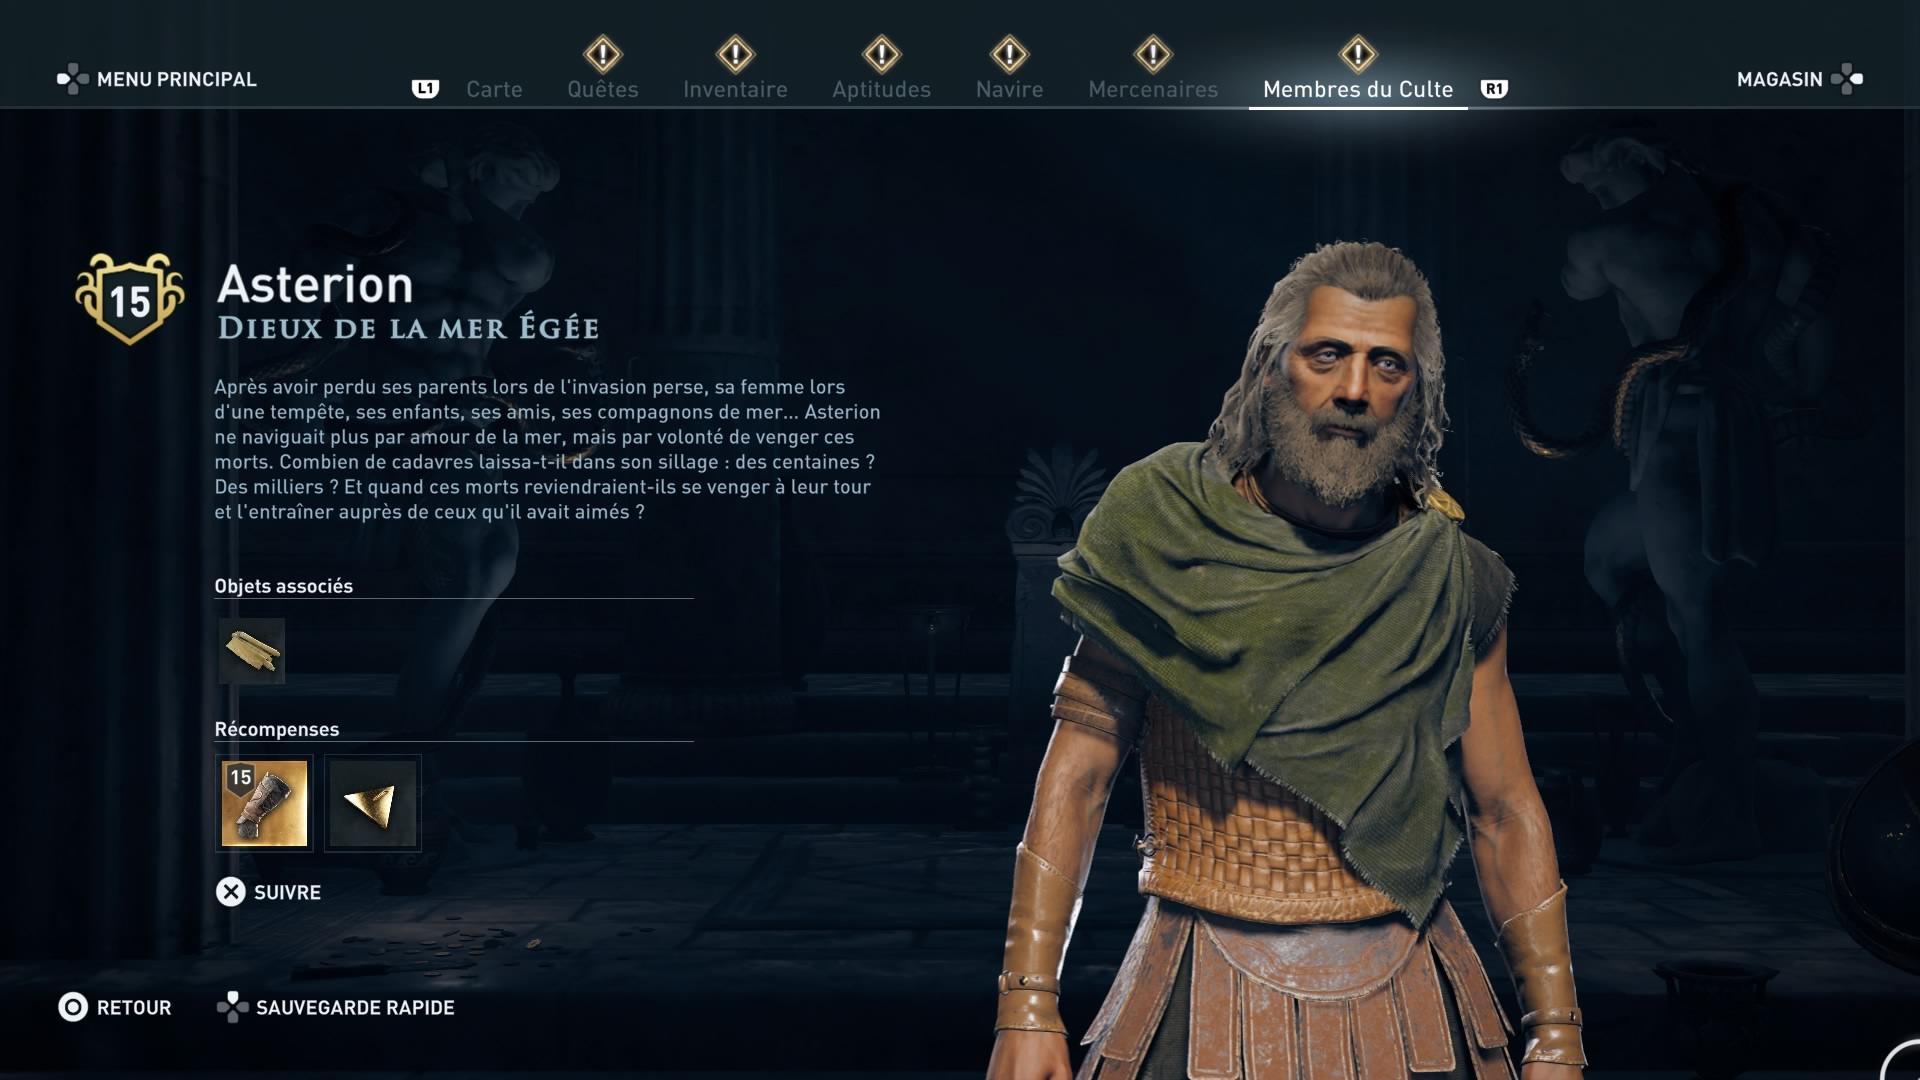 Assassin's Creed Odyssey trouver et tuer les adeptes du culte du Kosmos, ps4, xbox one, pc, ubisoft, jeu vidéo, Dieux de la mer Egée, asterion